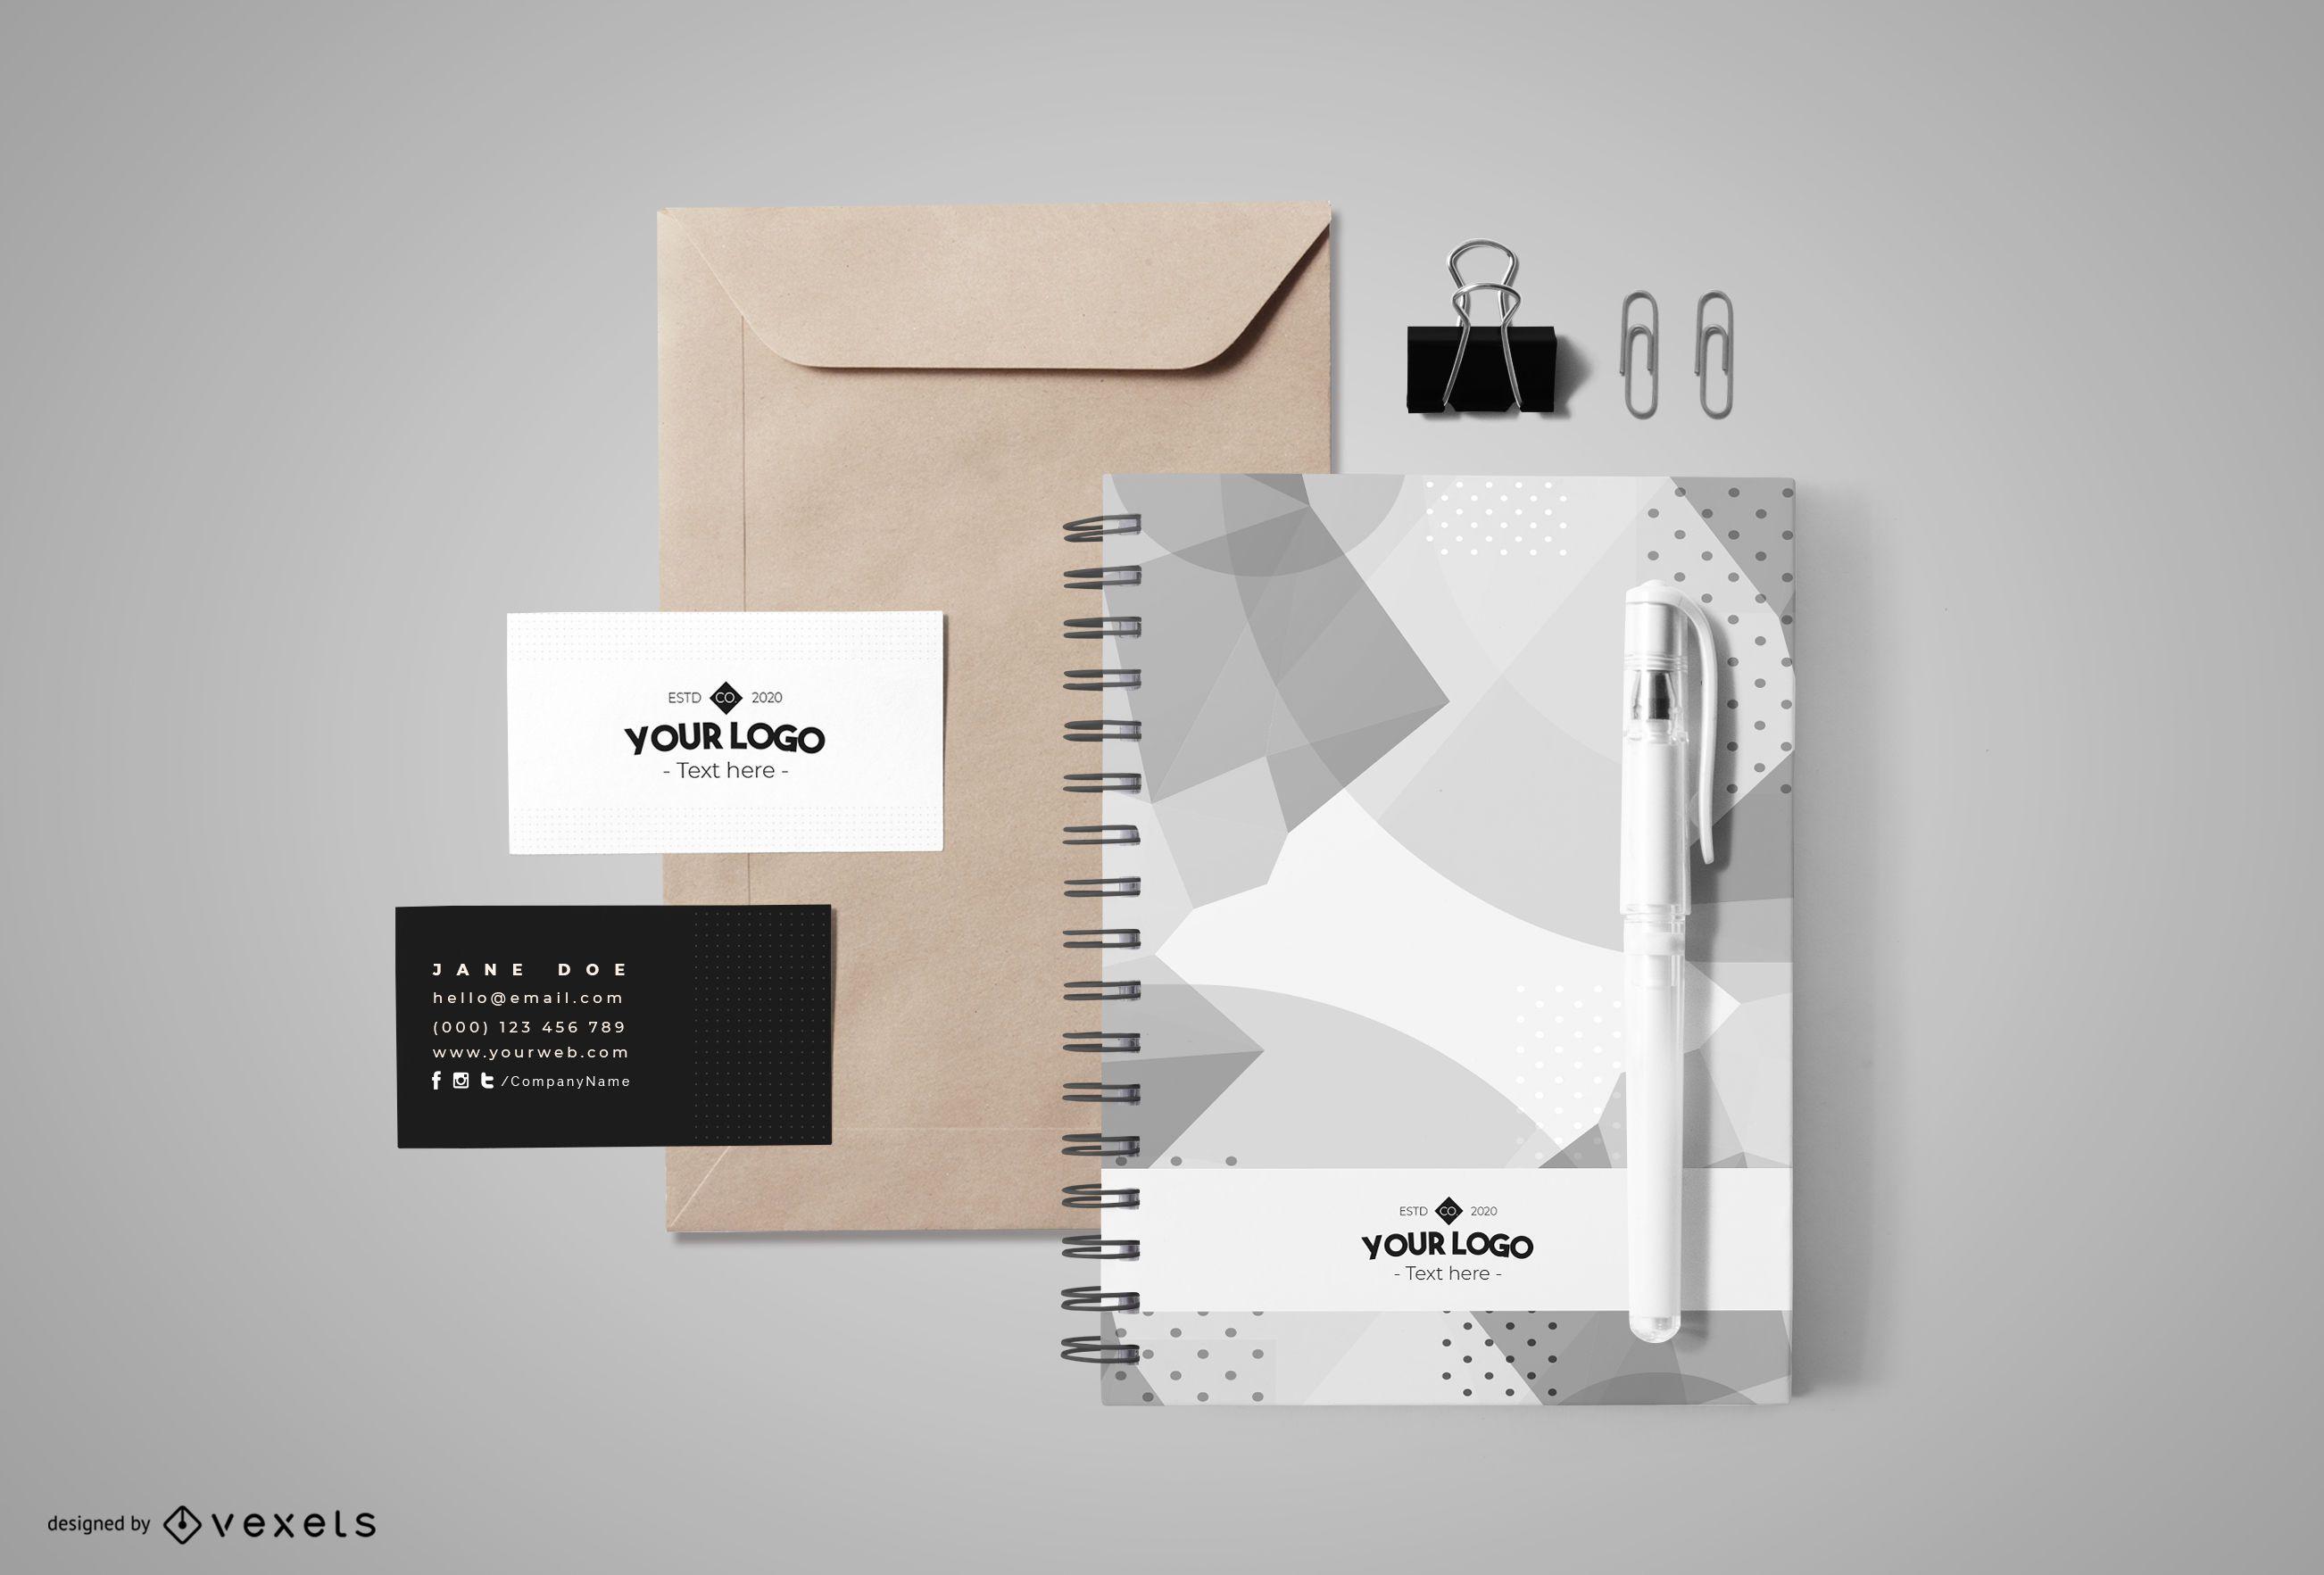 Diseño de maqueta de marca de papelería